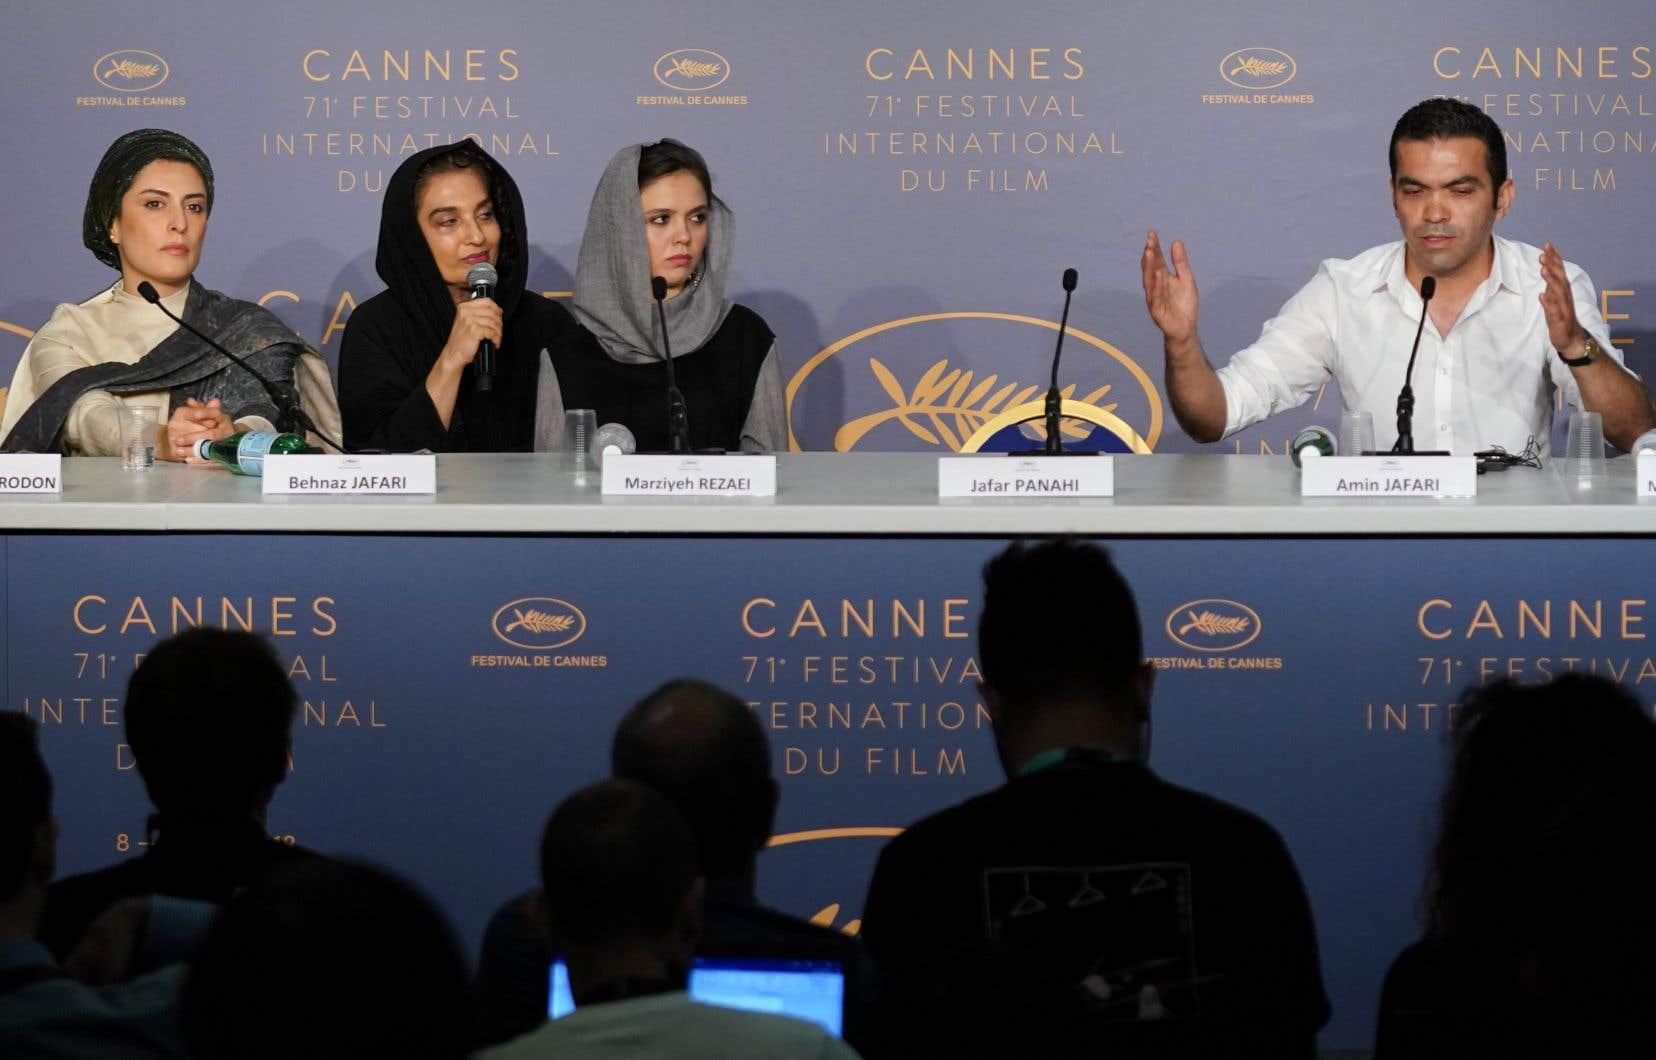 La chaise laissée vacante par Jafar Panahi a retenu l'attention lors de la conférence de presse menée par l'équipe de son film Trois visages. - Laurent Emmanuel / AFP